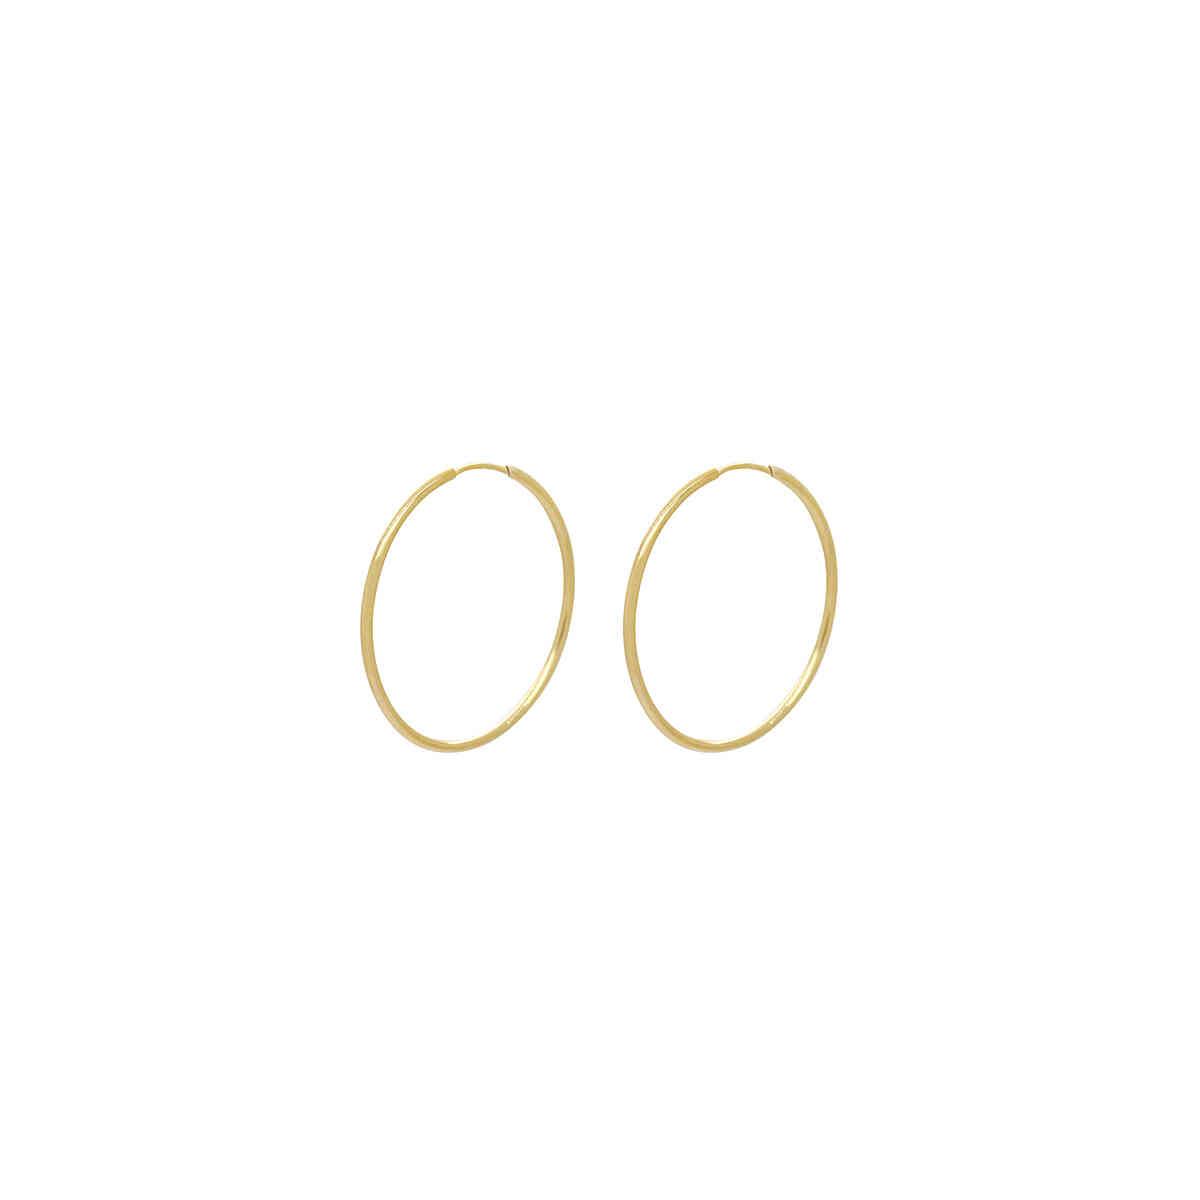 Brinco Ouro 18k Argola 25 mm